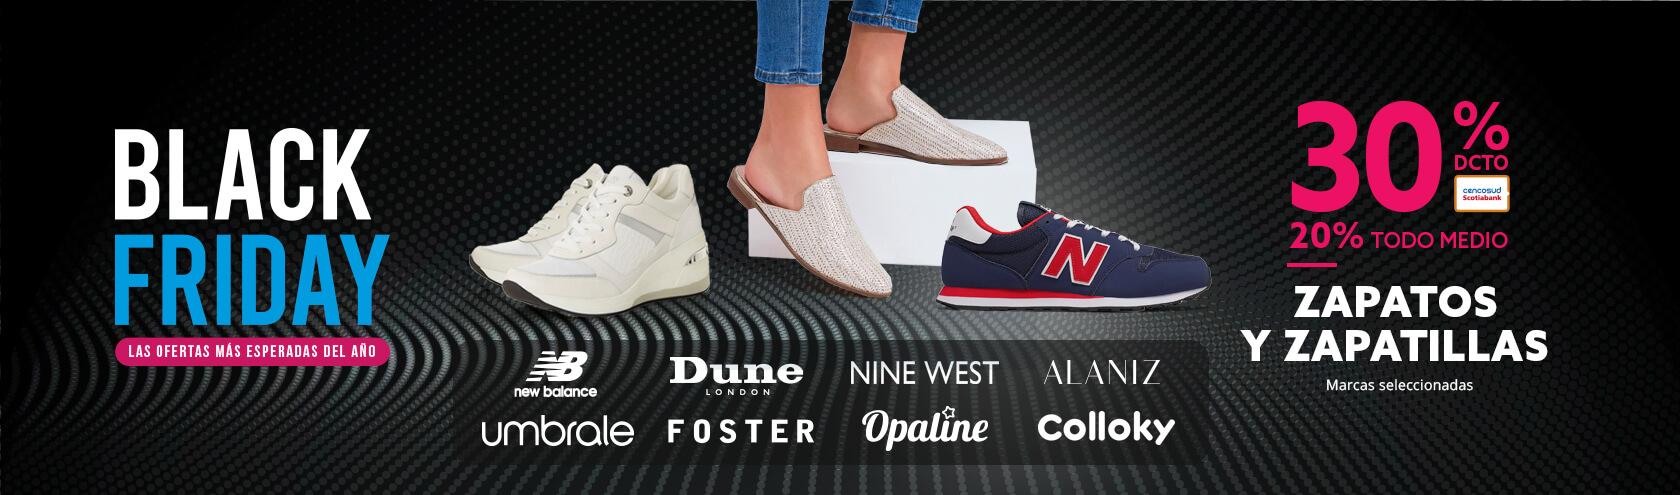 30% de descuento con Tarjeta Cencosud y 20% todo medio de pago zapatos y zapatillas marcas seleccionadas